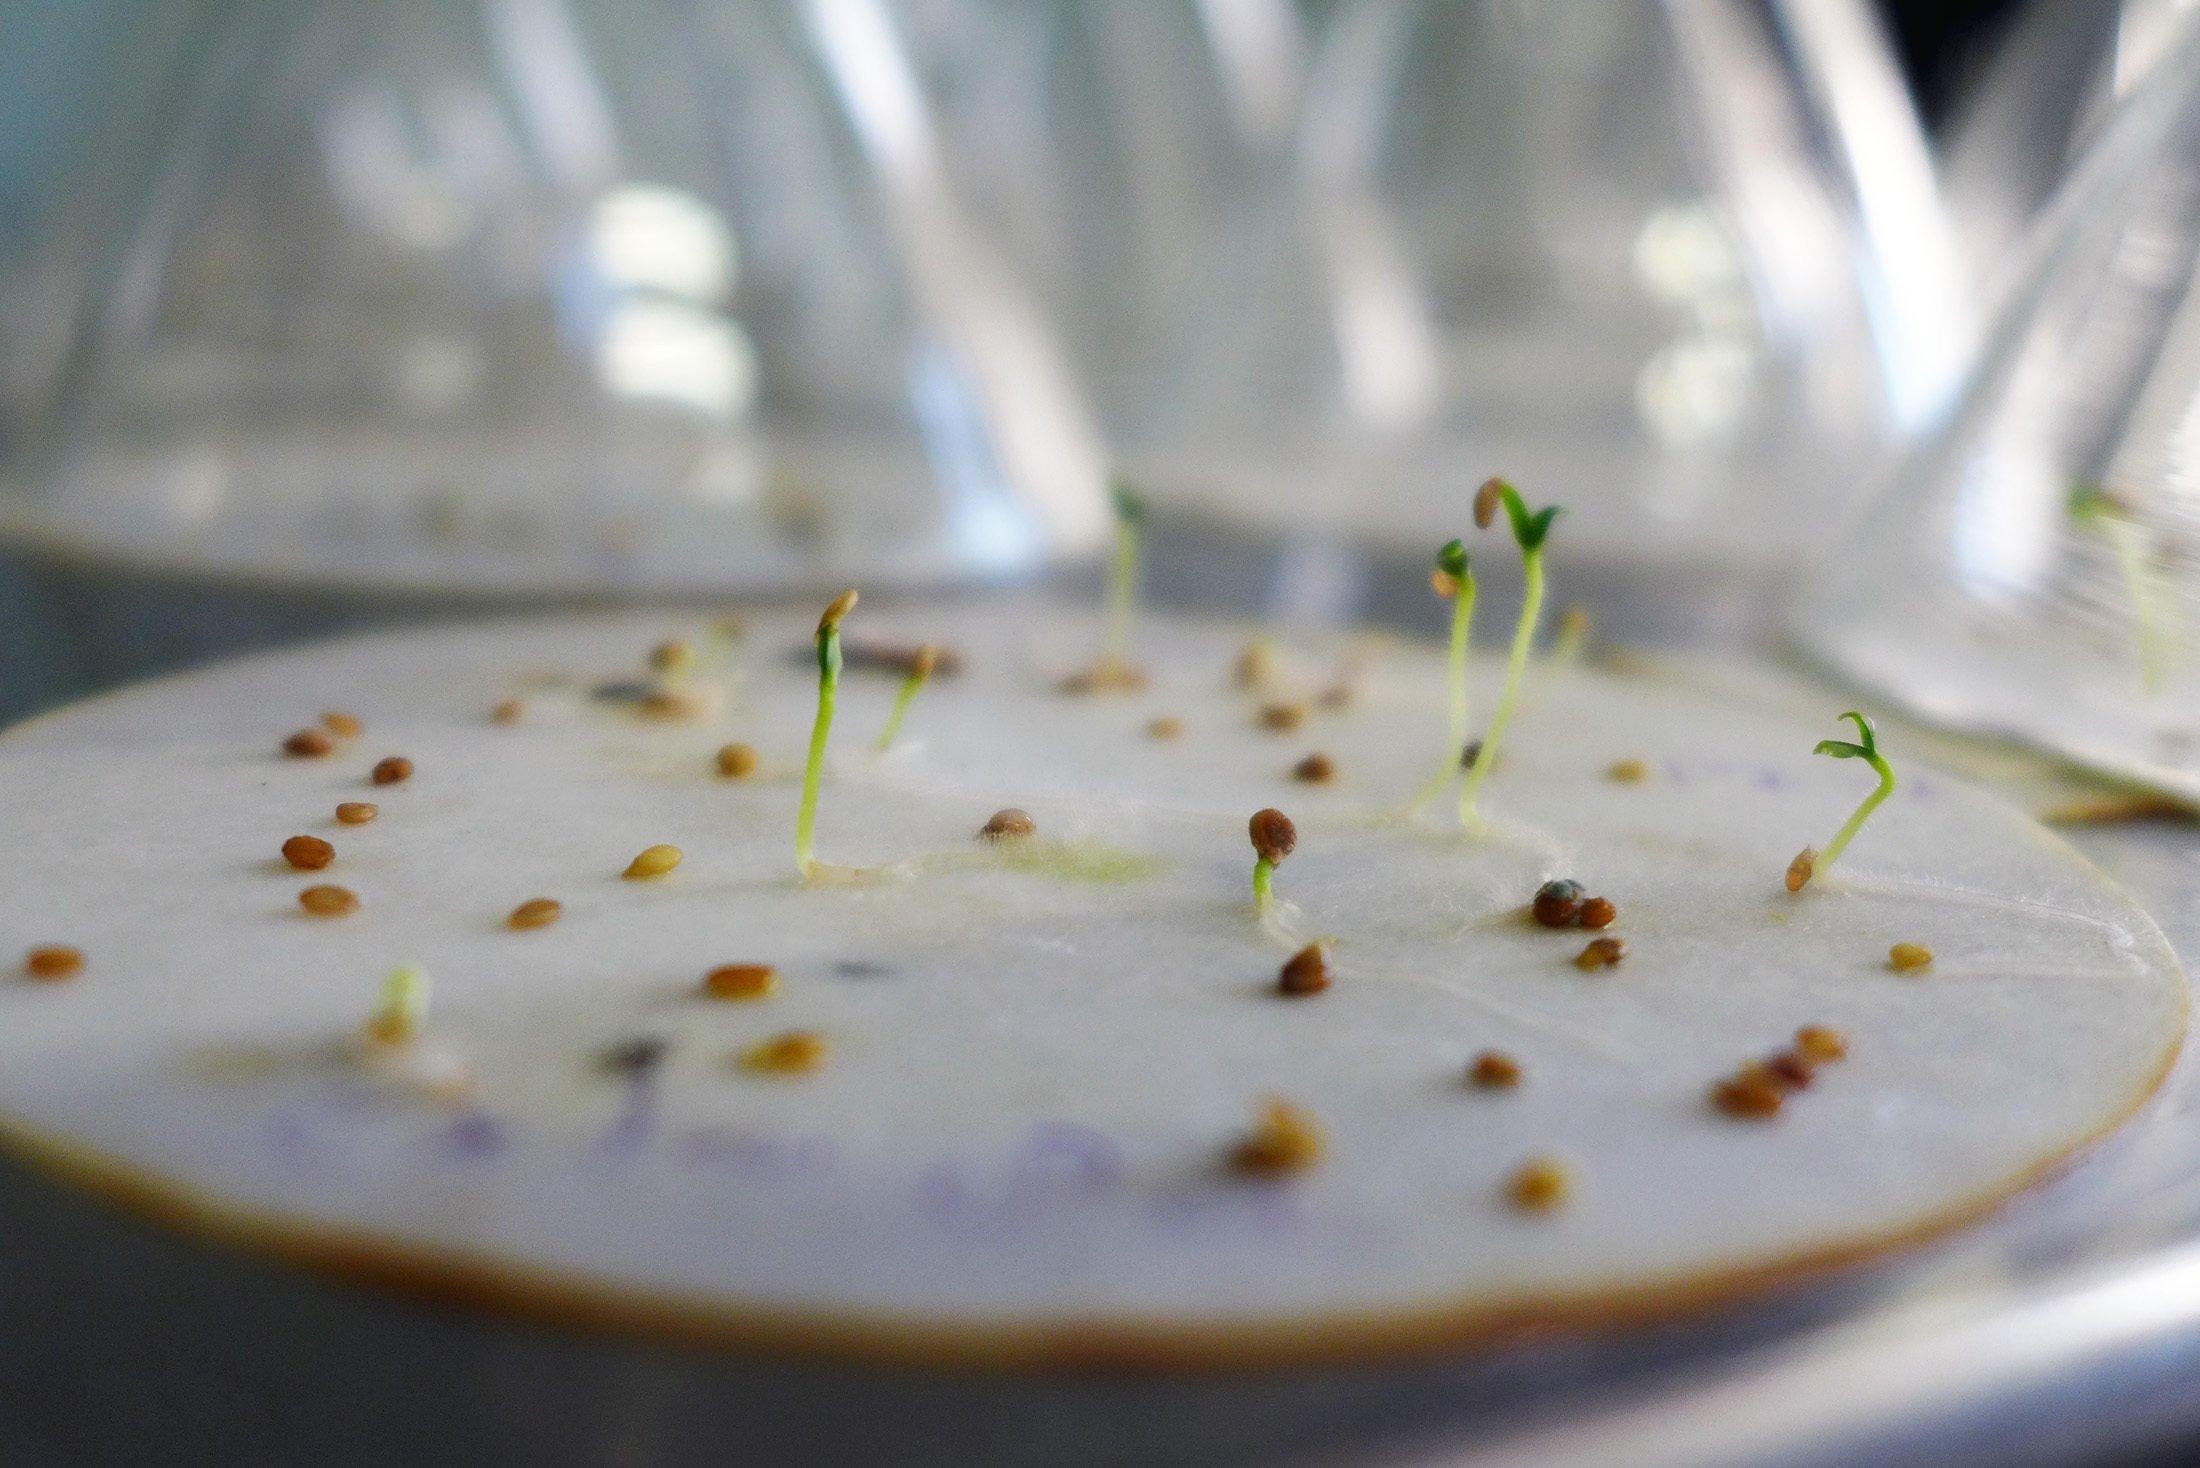 Samen liegen auf einem Papierfließ im Labor. Einige haben bereits zarte grüne Keimlinge entwickelt, andere liegen noch ungekeimt herum.